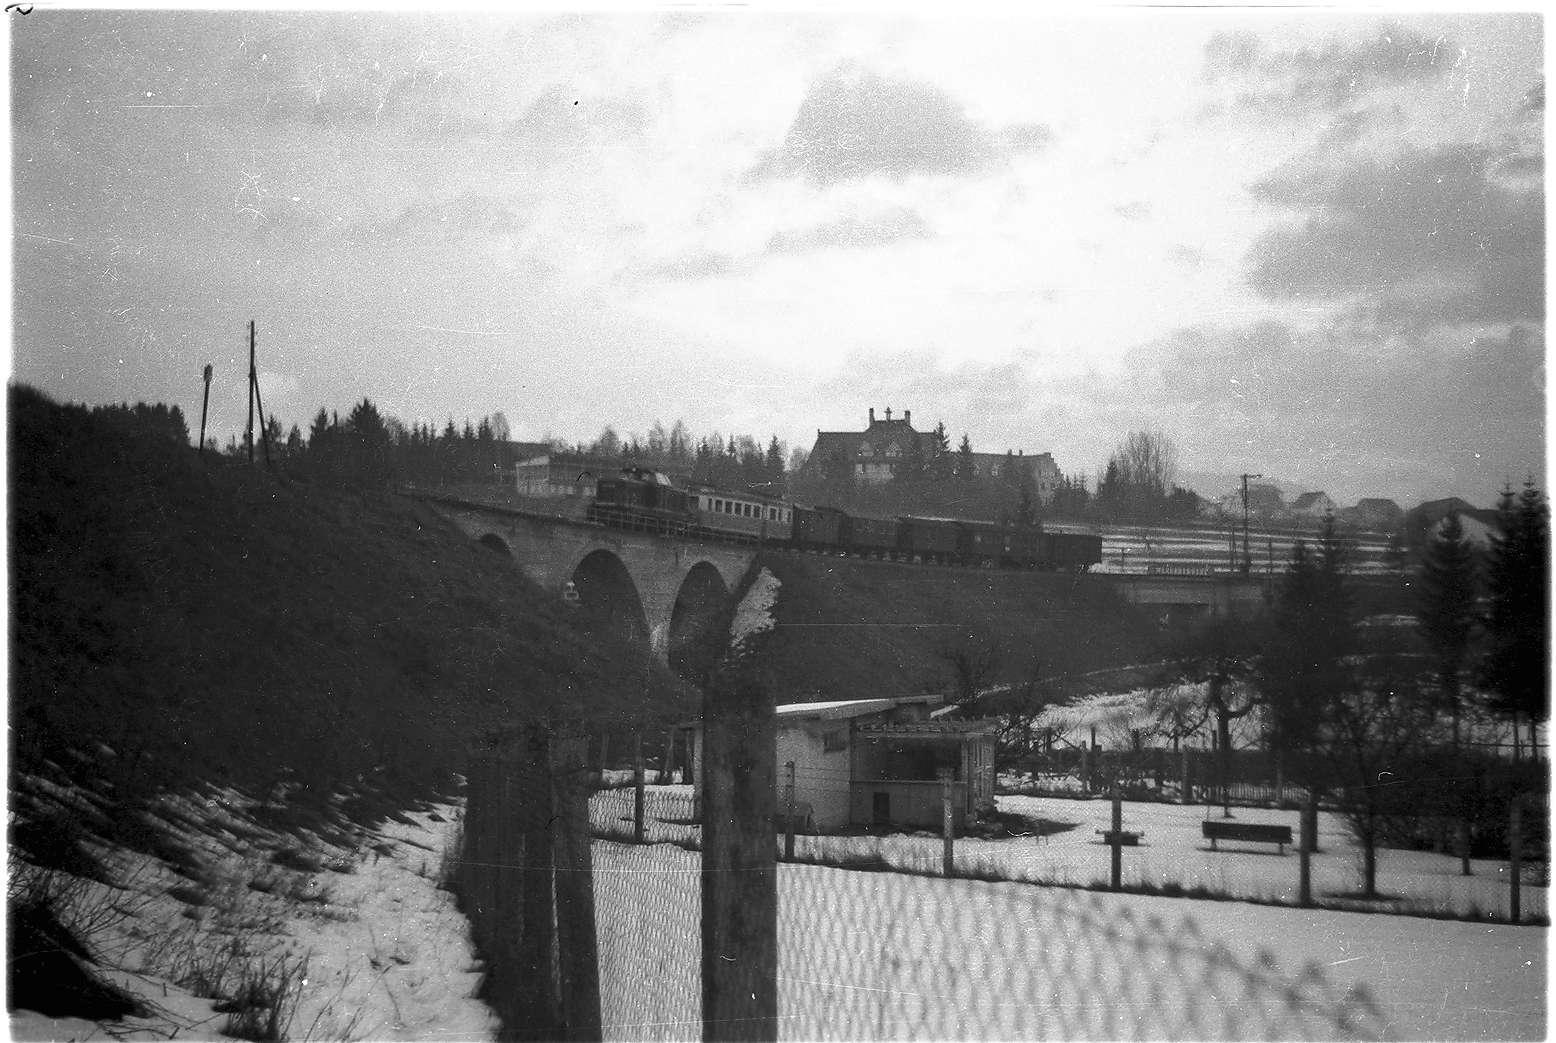 """Abtransport des Triebwagens ET 3 der Trossinger Eisenbahn von Gammertingen, Zug 316, im Vordergrund die Gärten von Bewohnern der engen Altstadt """"Unser"""", Bild 1"""